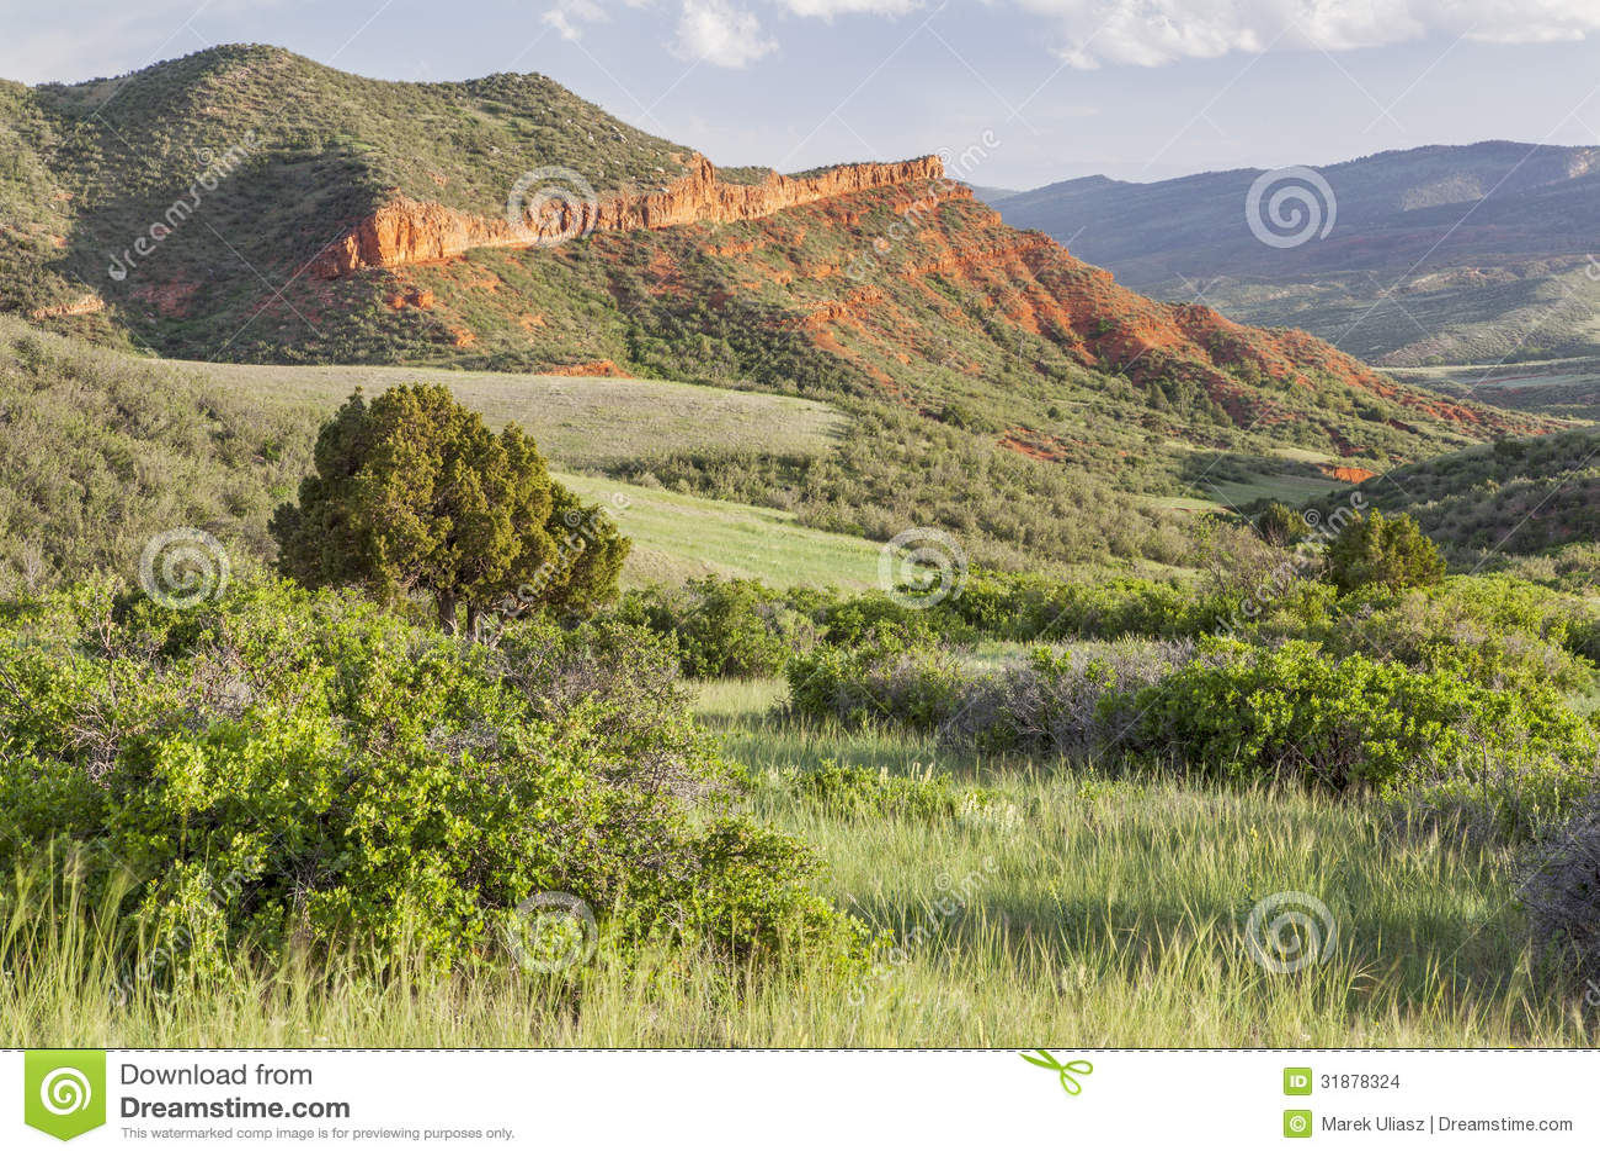 Colorado bergranch